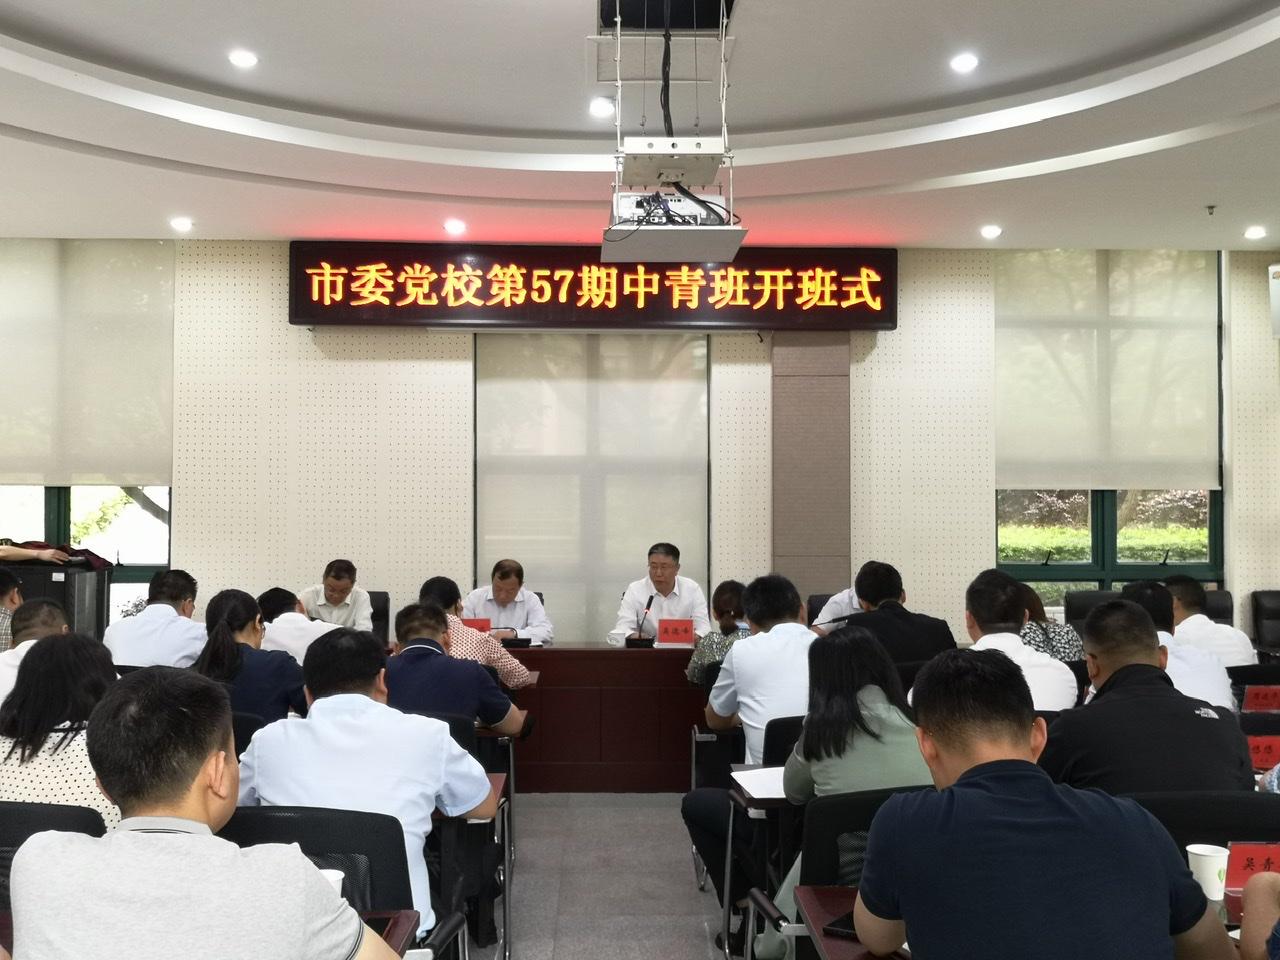 长沙市委党校第57期中青班今日开班